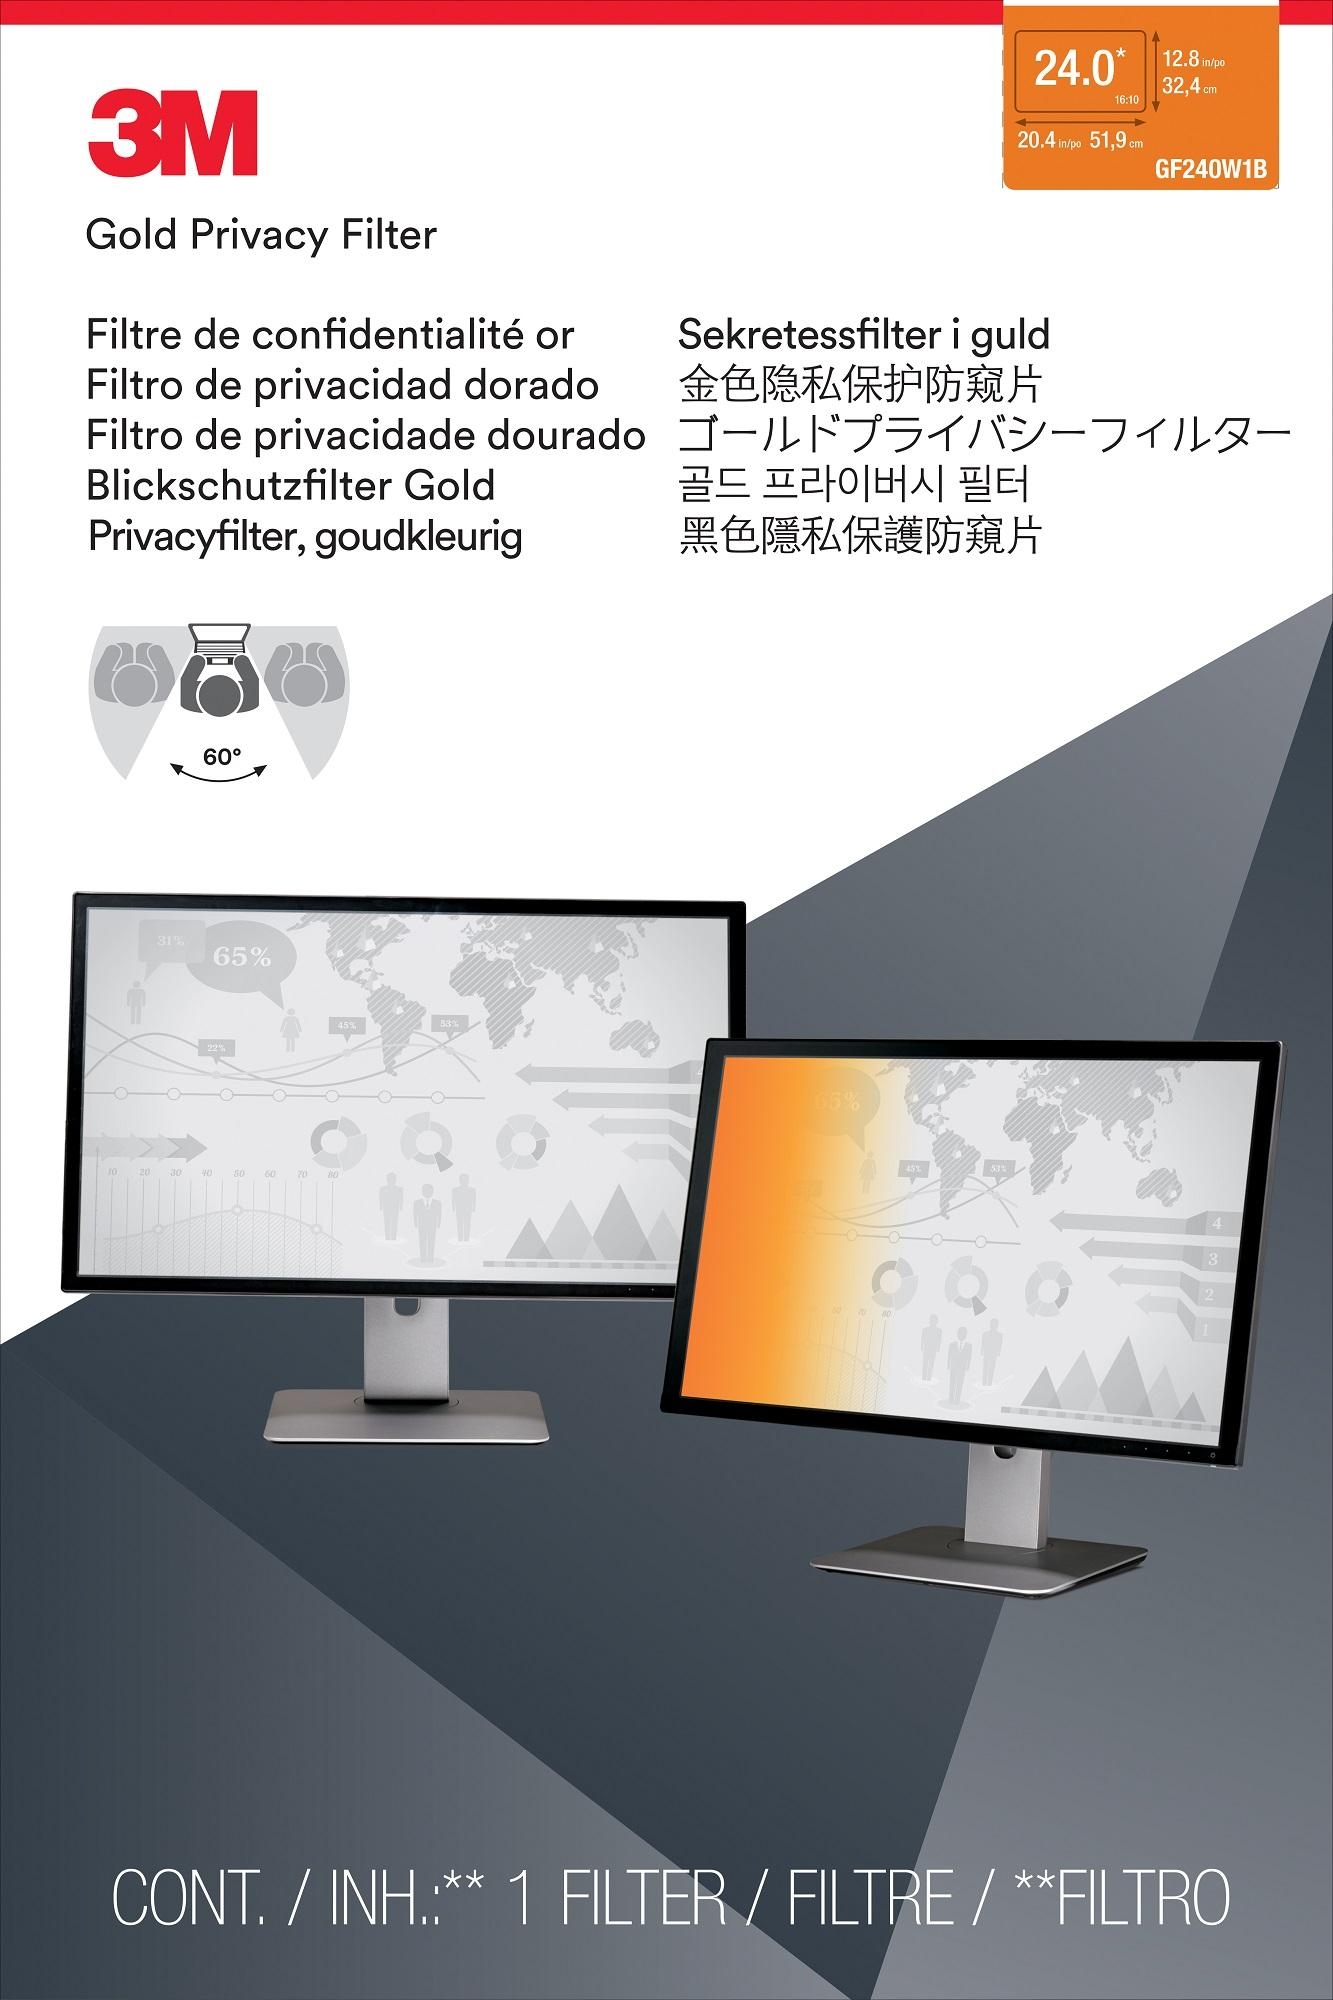 3M Gold Laptop Desktop Privacy Filter (Widescreen 16:10) - 3M-GF240W1B